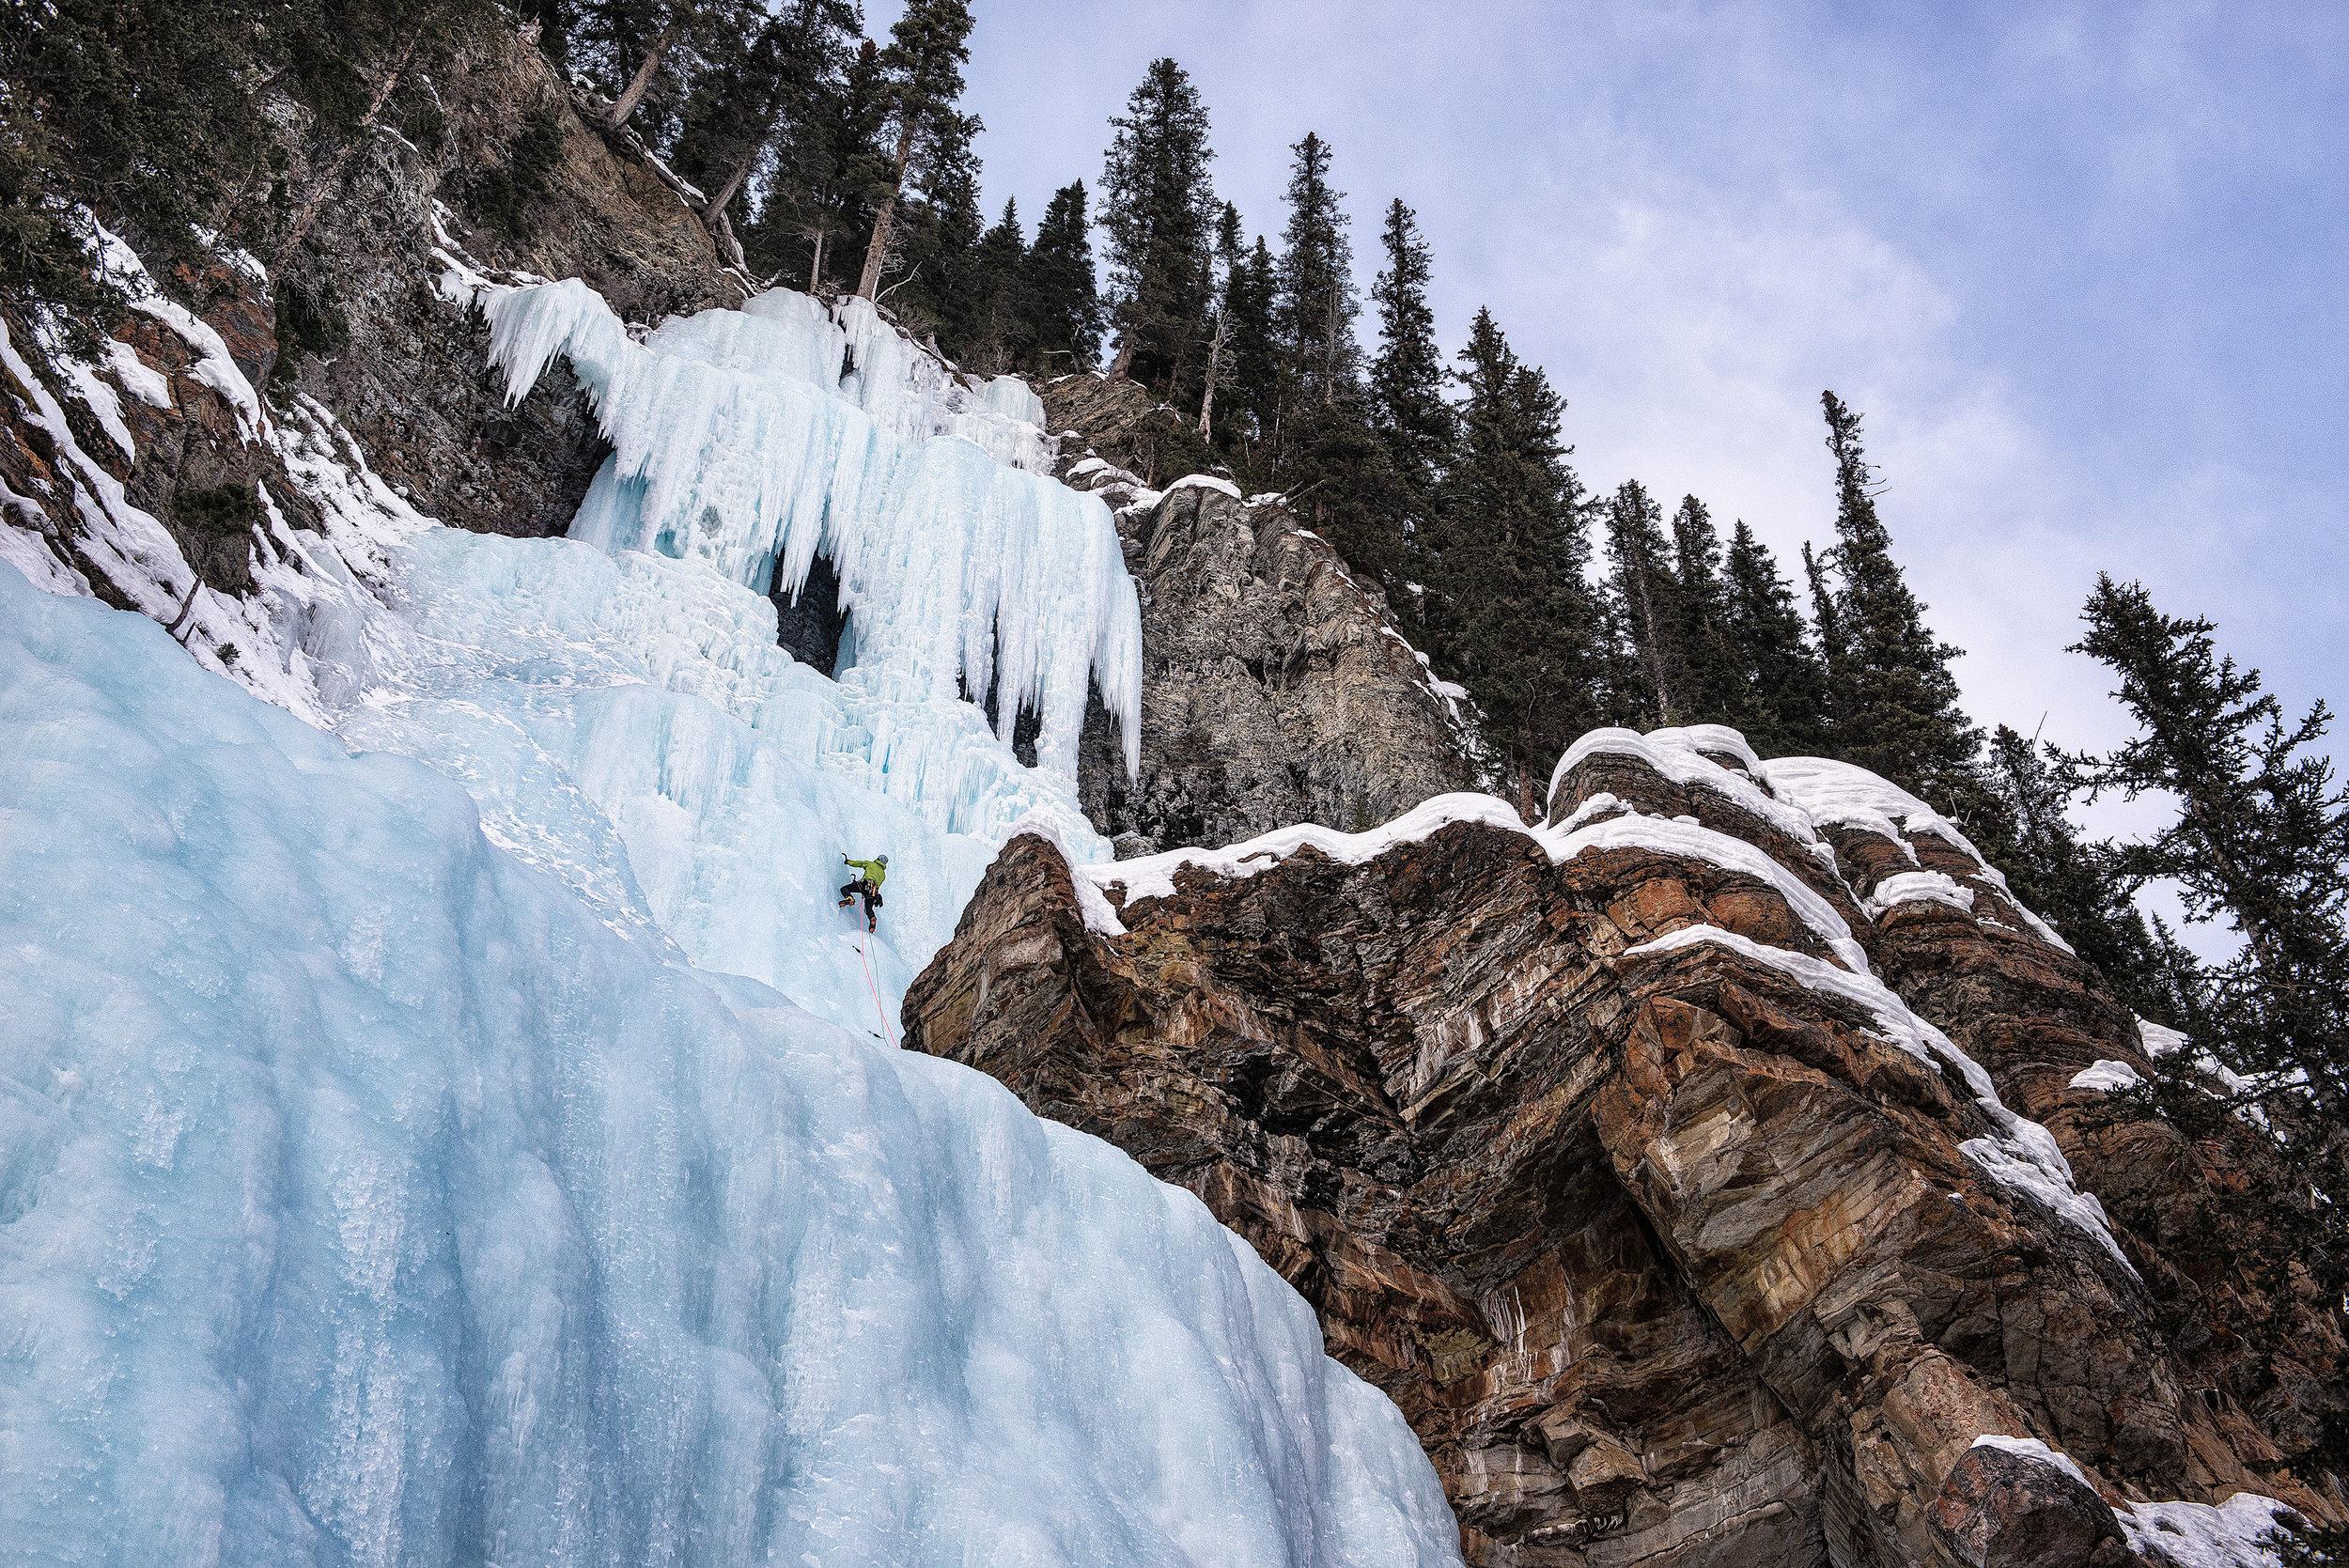 austin-trigg-ice-climbing-banff-lake-Louise-Falls-multi-pitch.jpg